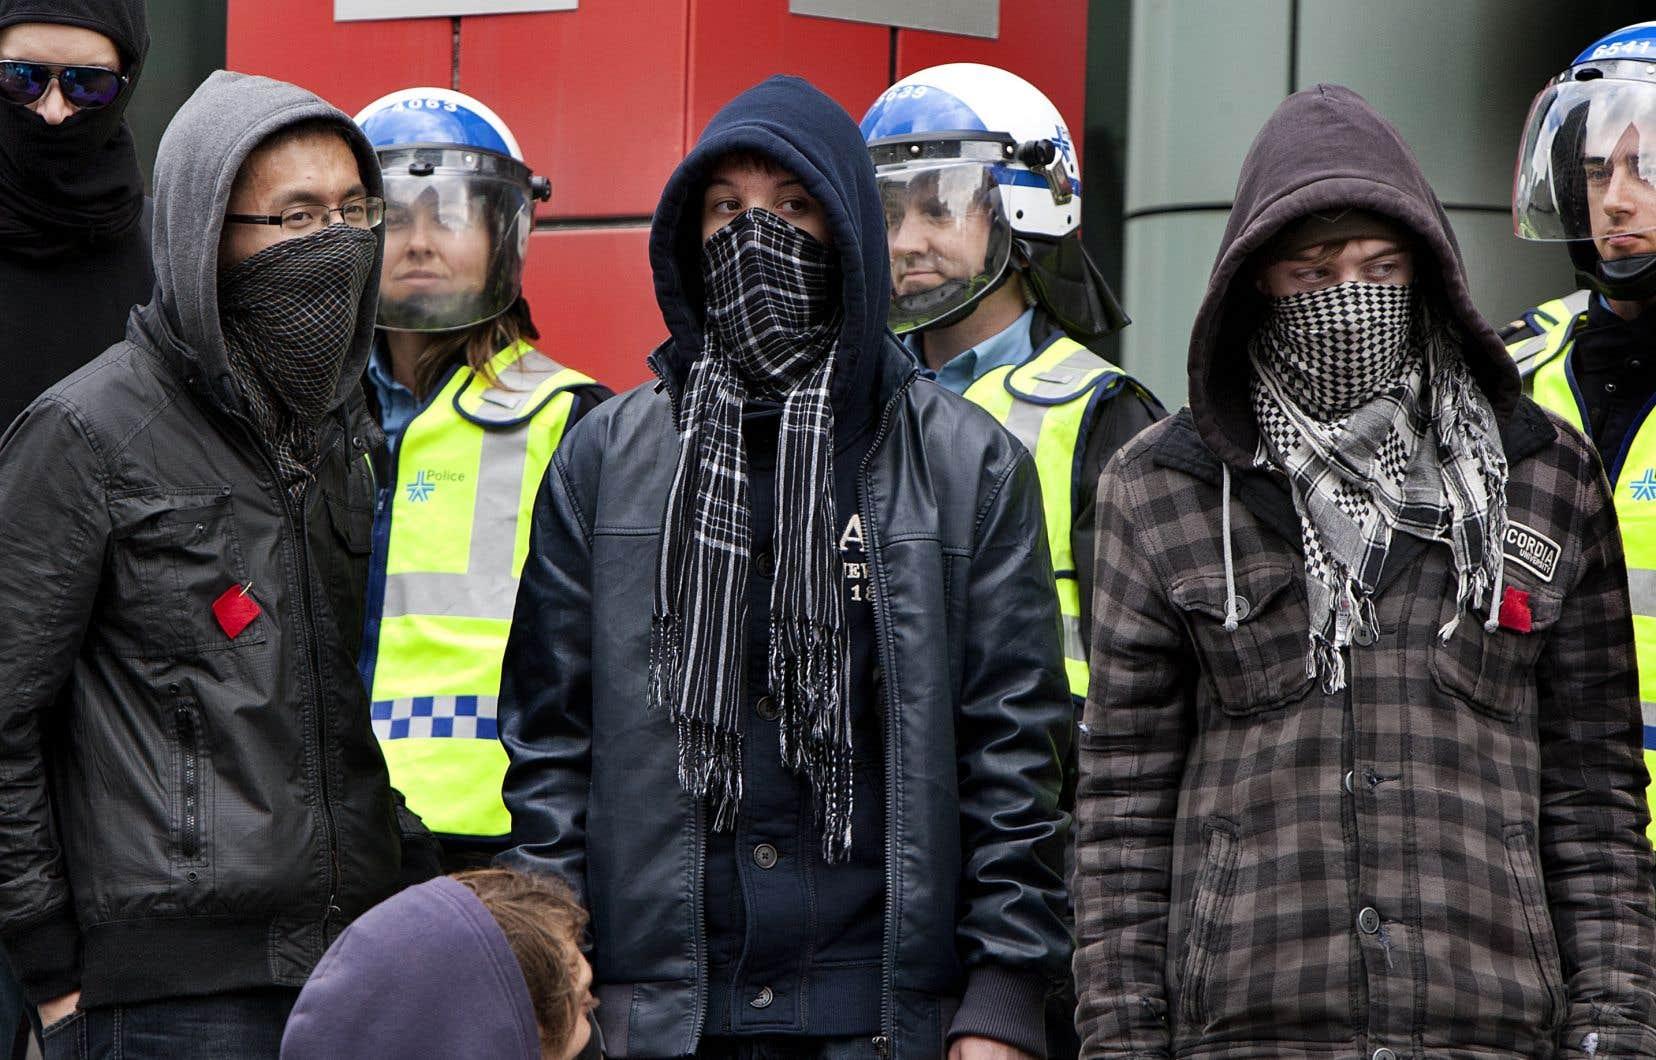 Le règlement P-6 obligeait les manifestants à fournir leur itinéraire lors de manifestations et interdisait le port d'un masque.